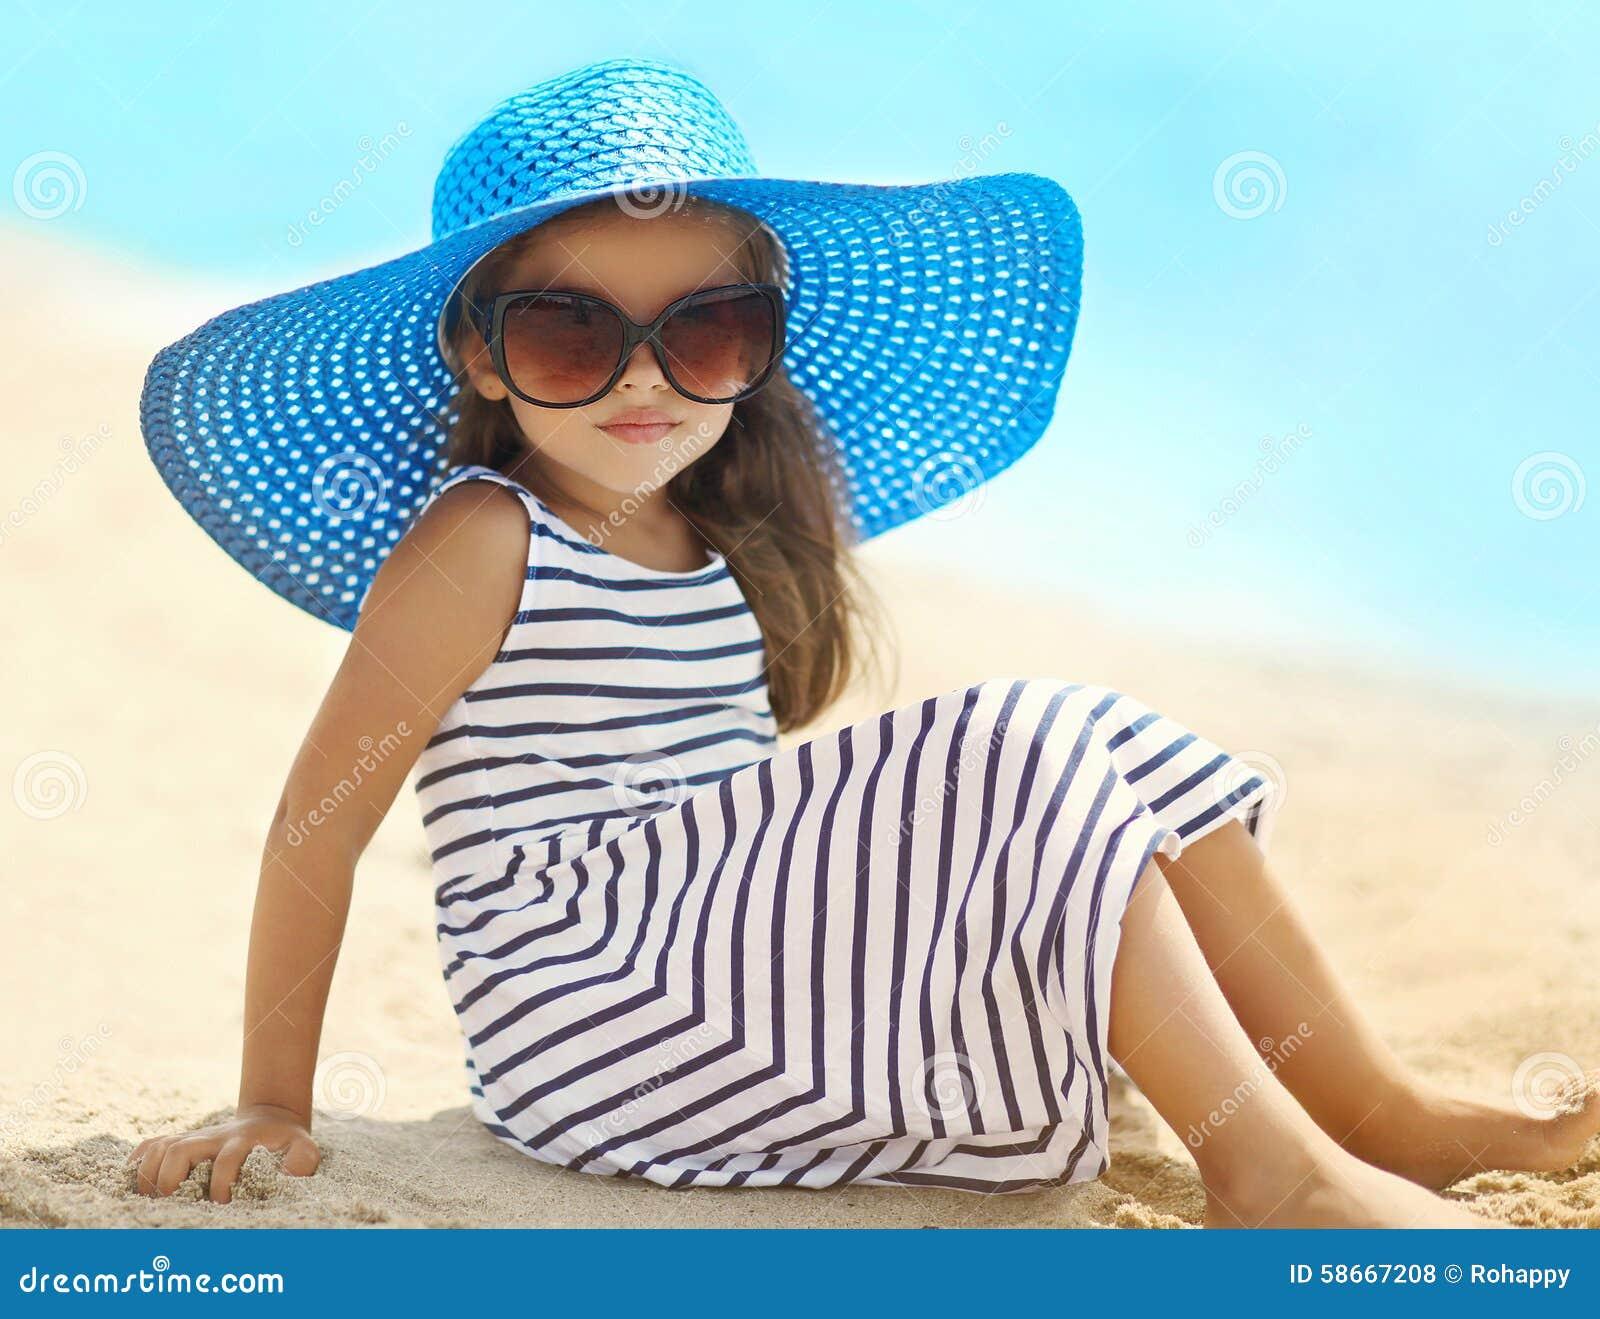 Stående av den nätta lilla flickan i en randig klänning- och sugrörhatt som kopplar av att vila på stranden nära havet